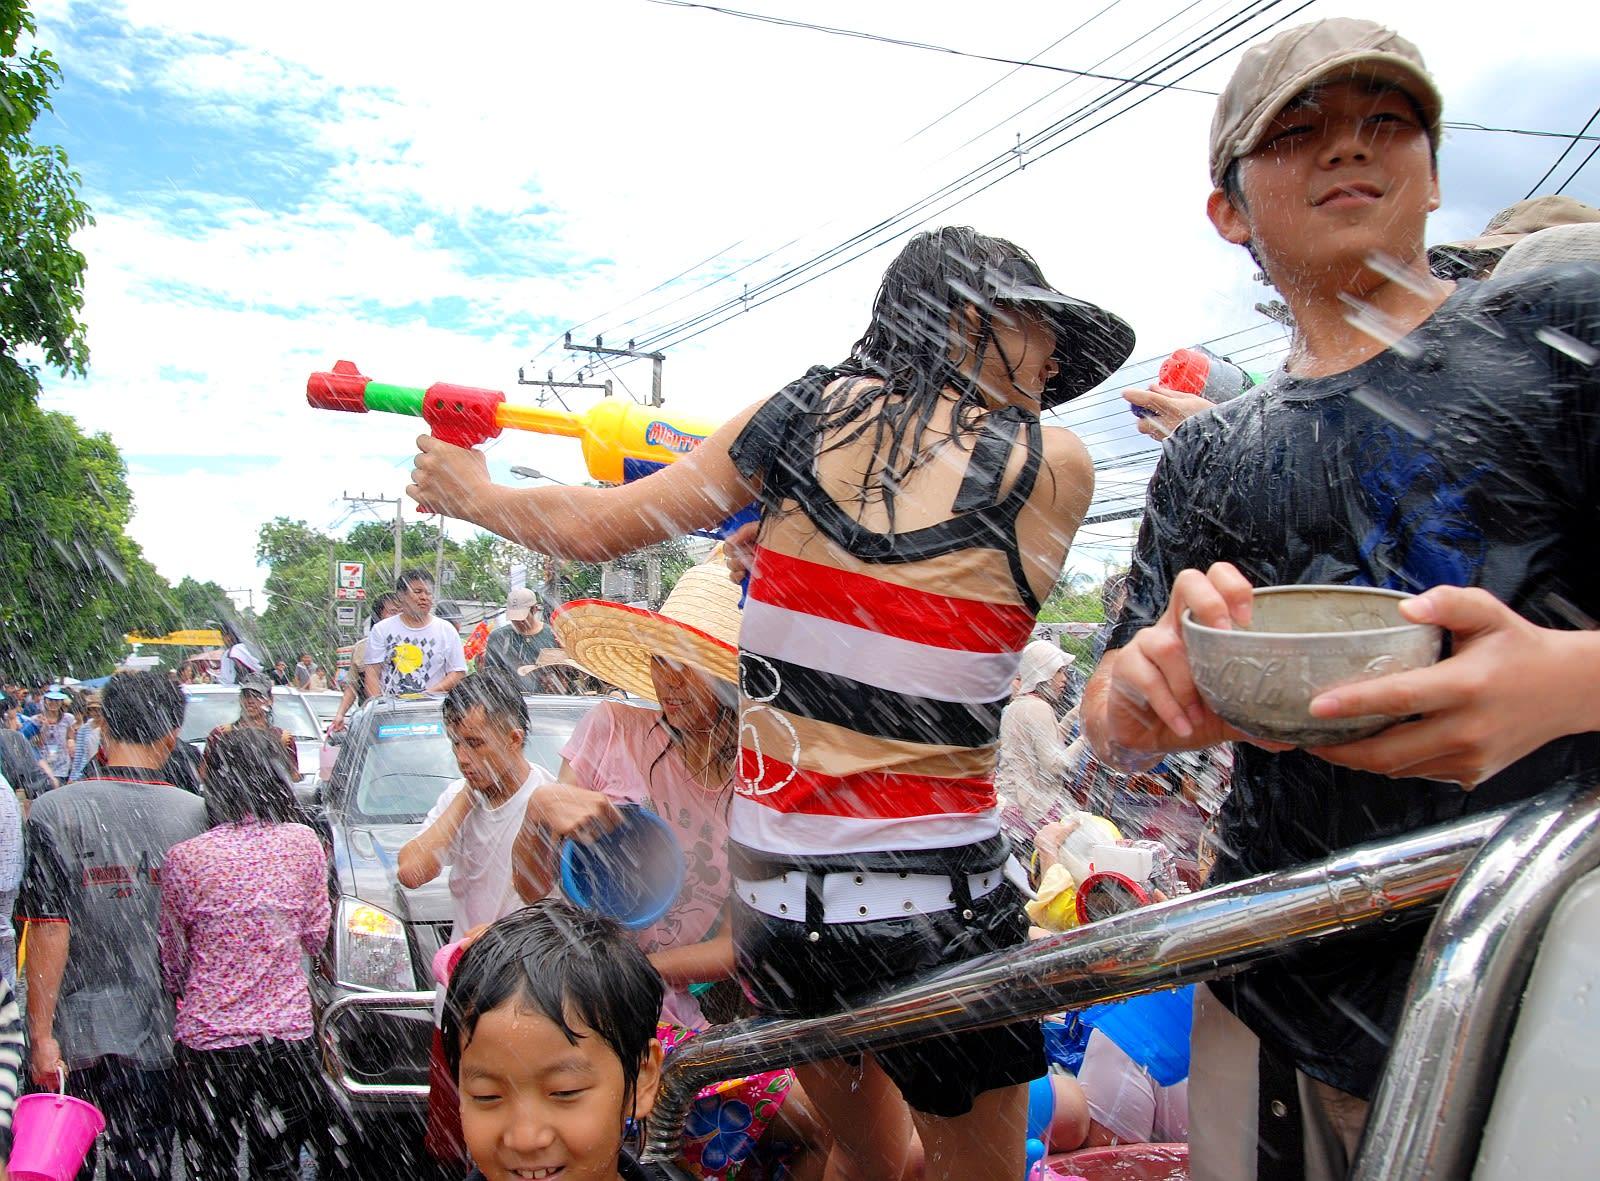 【泰國自由行】2019泰國潑水節懶人包!日期、住宿、行程、穿著一次搞定圖片取自維基百科。